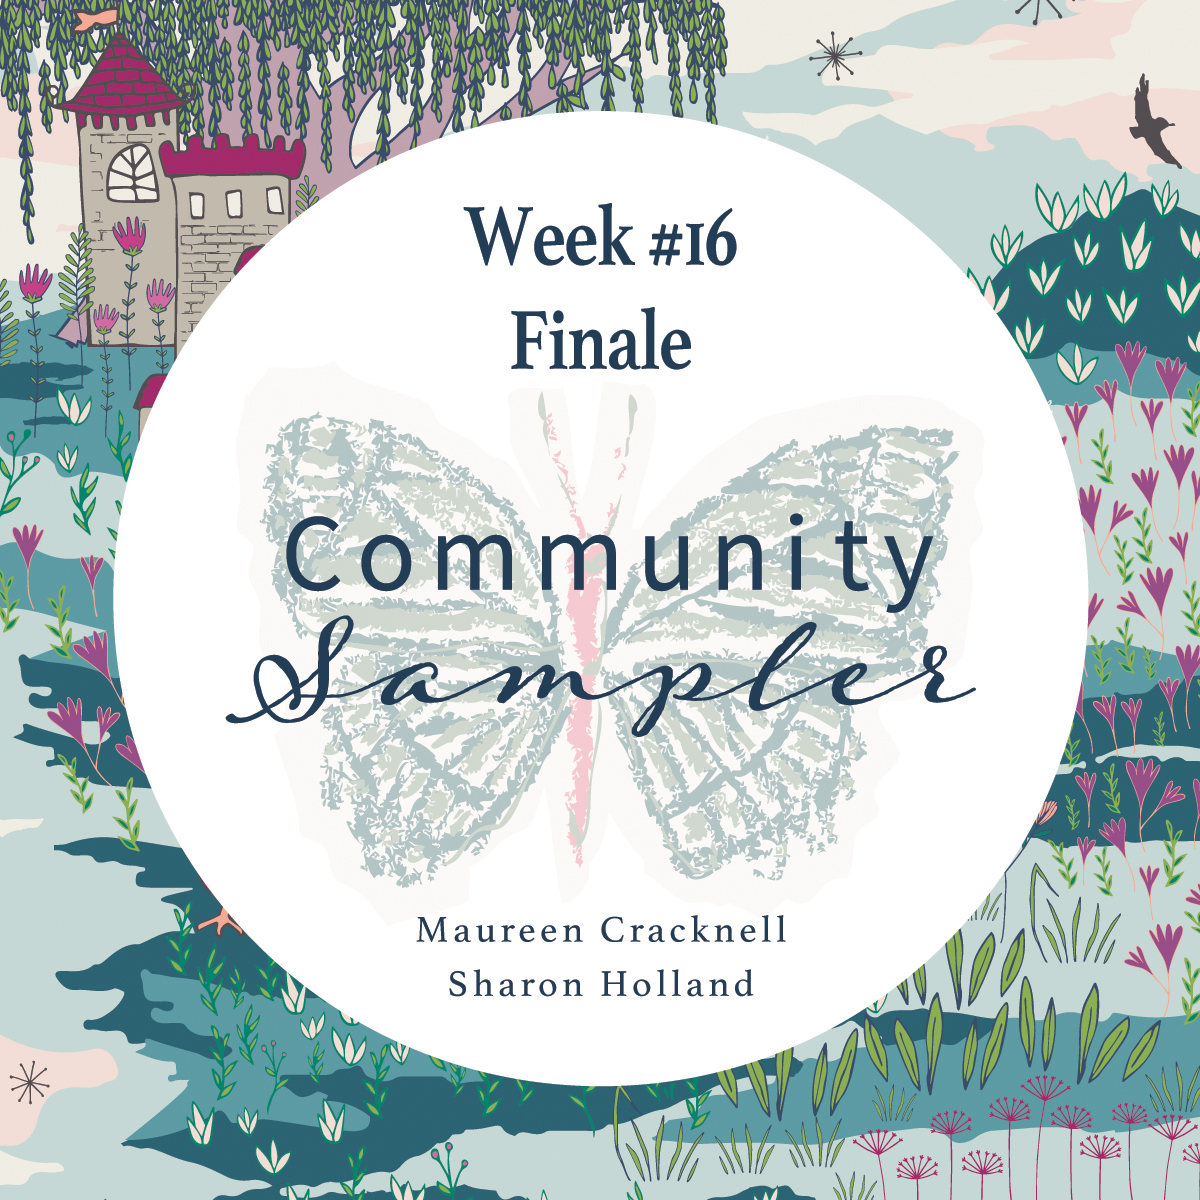 Community Sampler Week #16 Finale-01.jpg